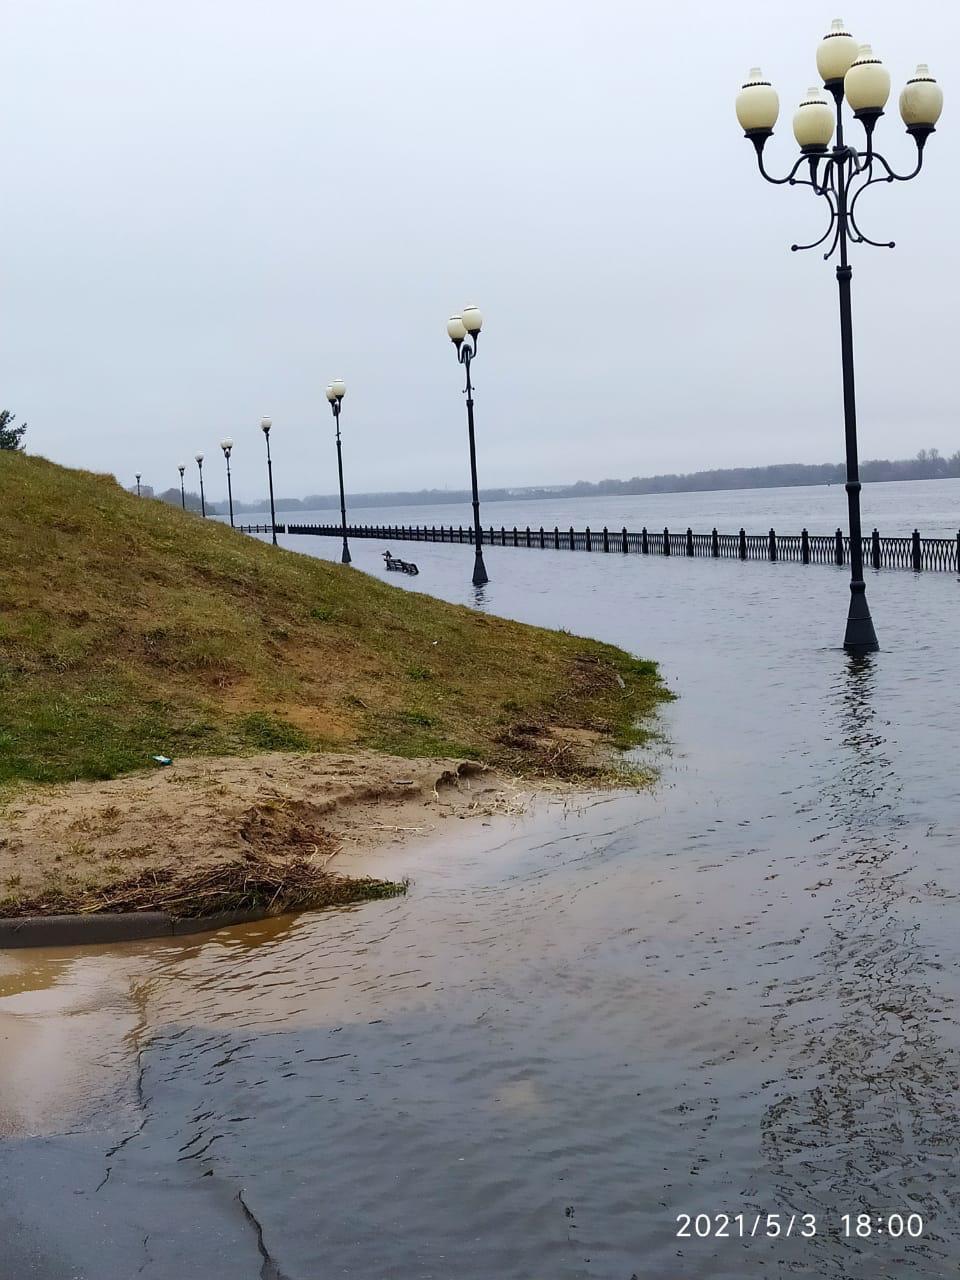 Несмотря на аномальные метеорологические условия, уровень воды в Рыбинском водохранилище остается стабильным